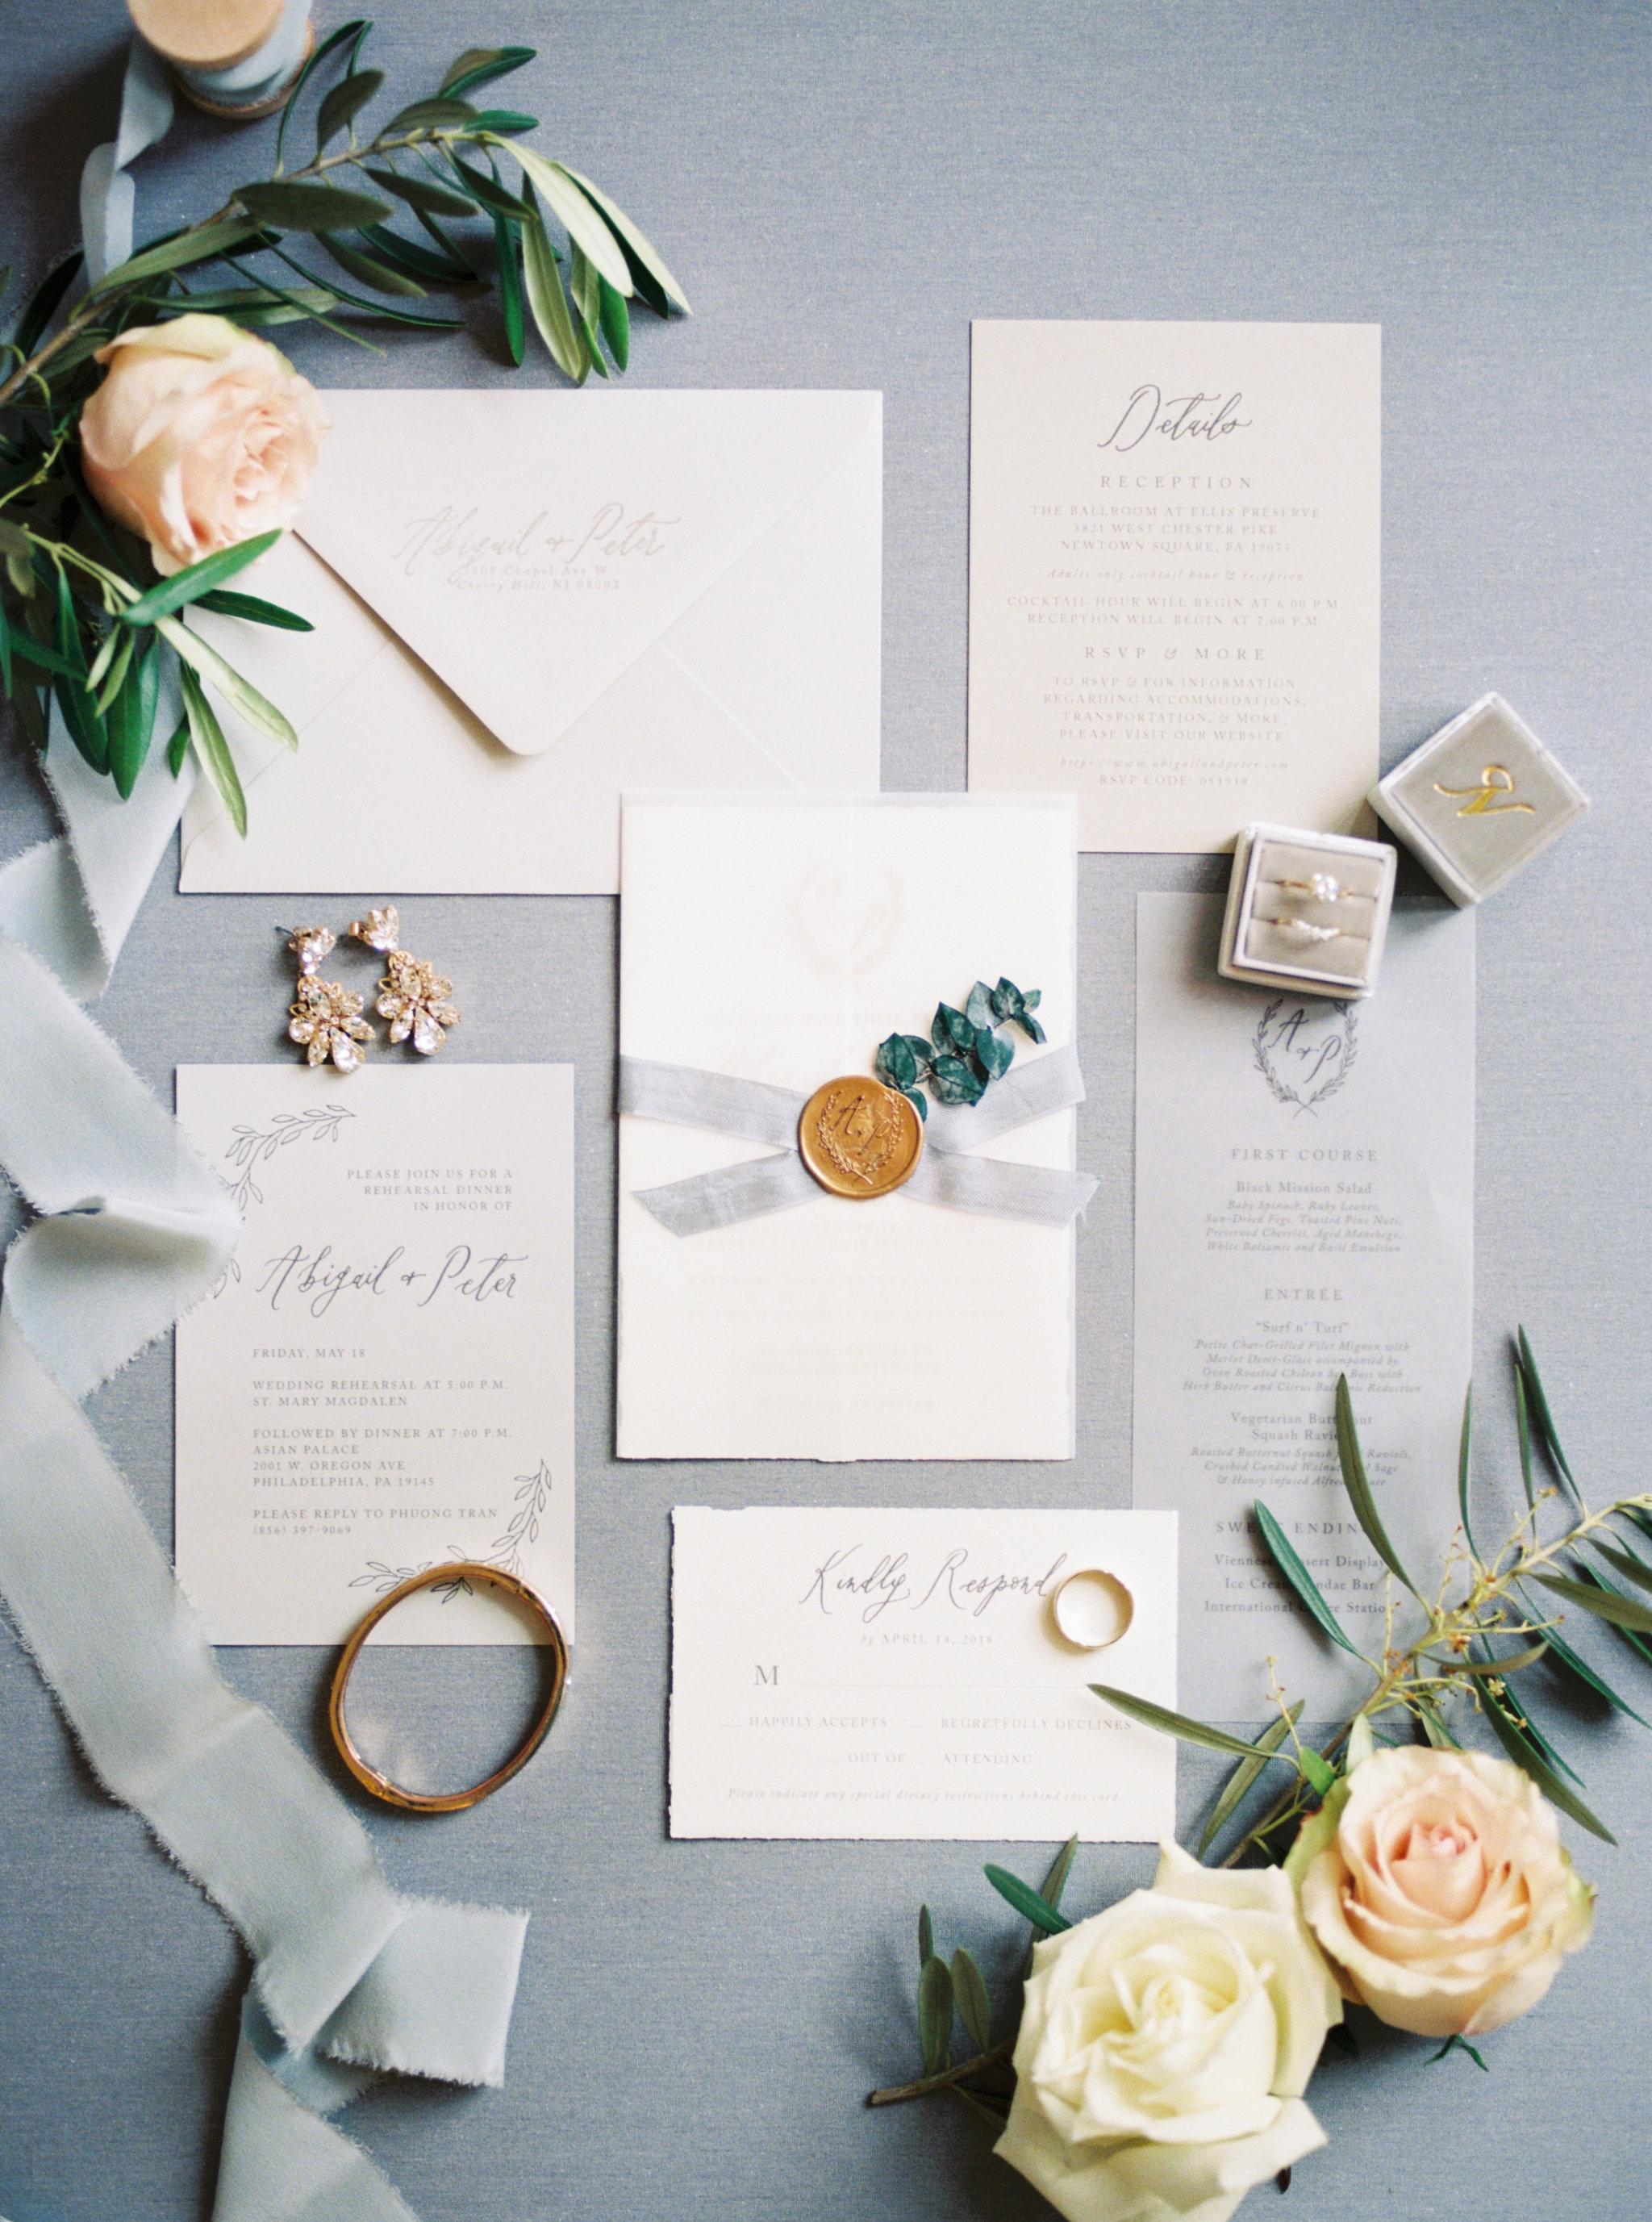 Full service wedding planner in Philadelphia